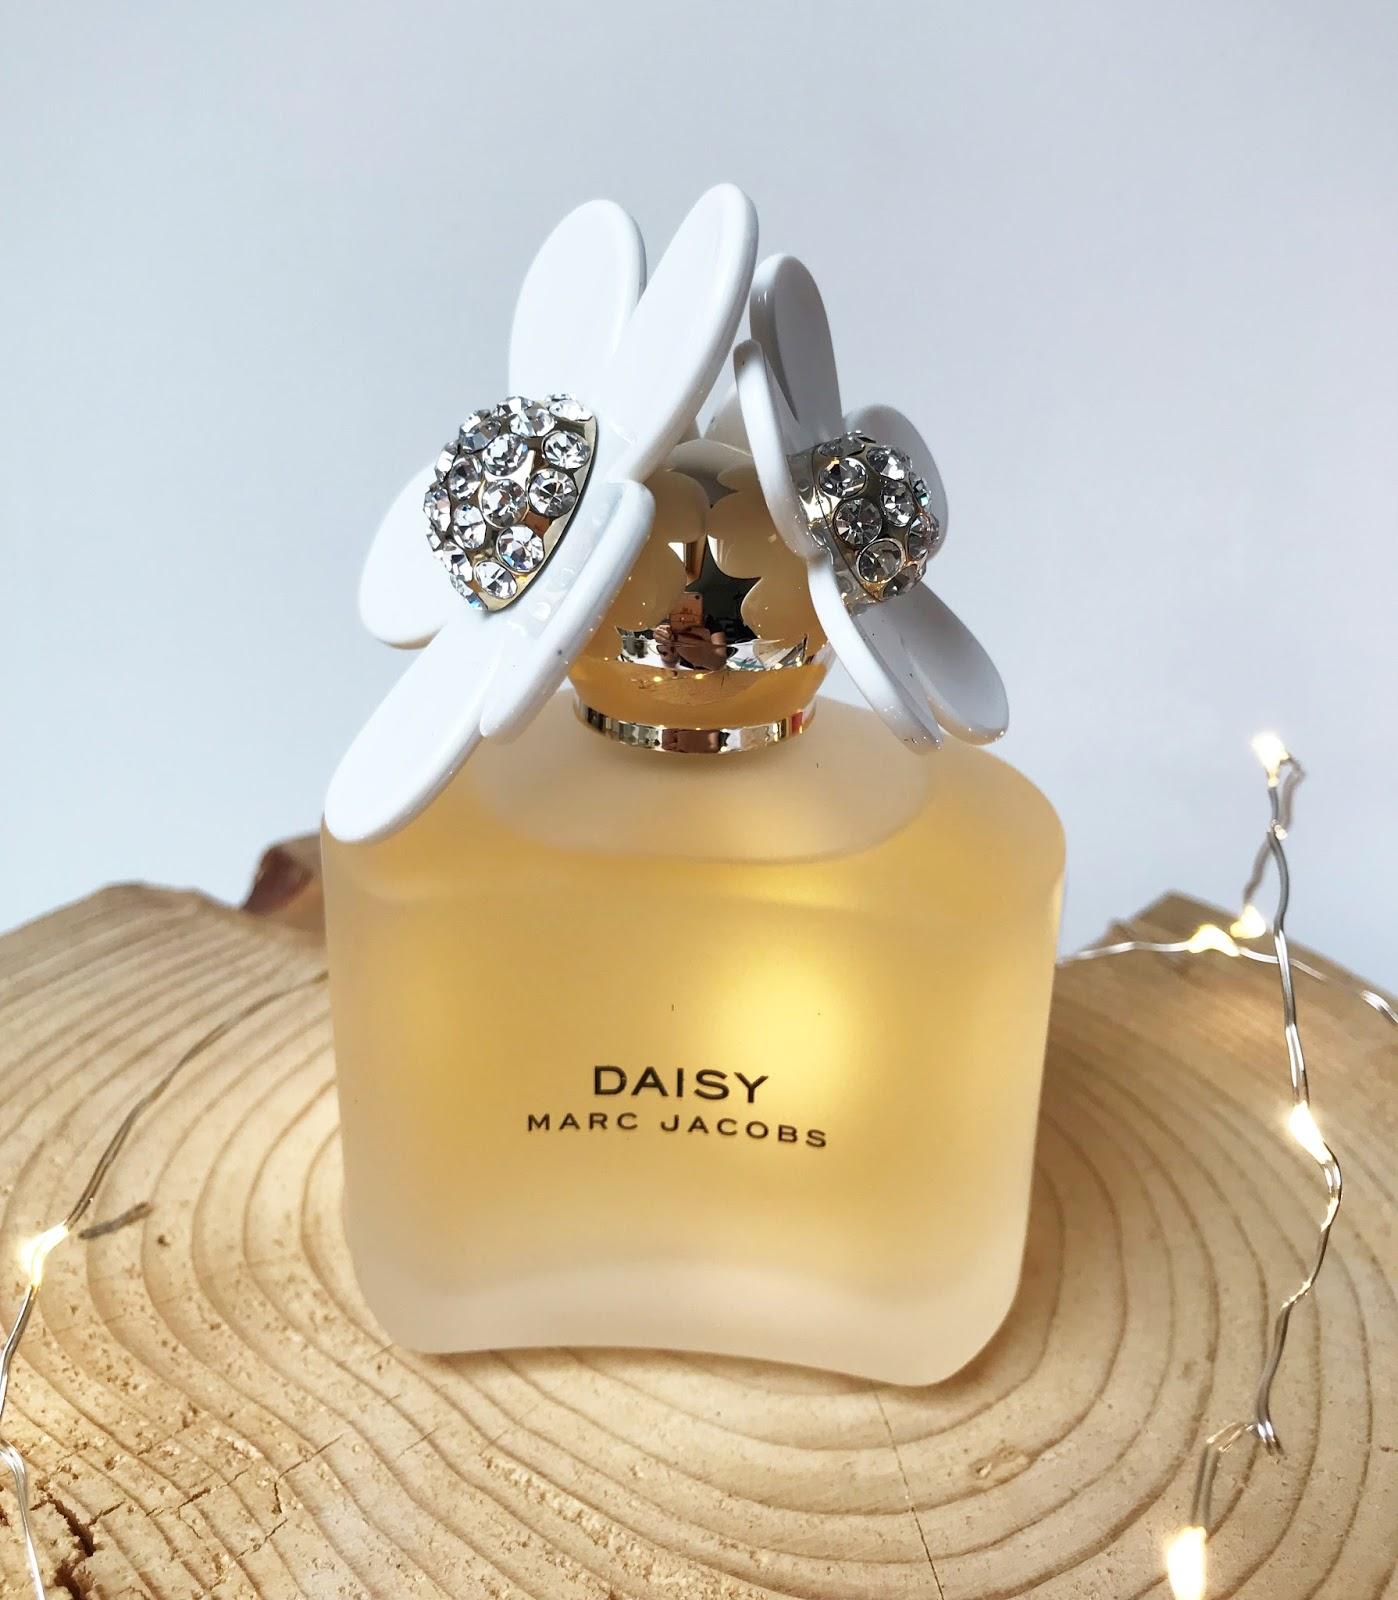 Marc Jacobs | Daisy Anniversary Edition Eau De Toilette